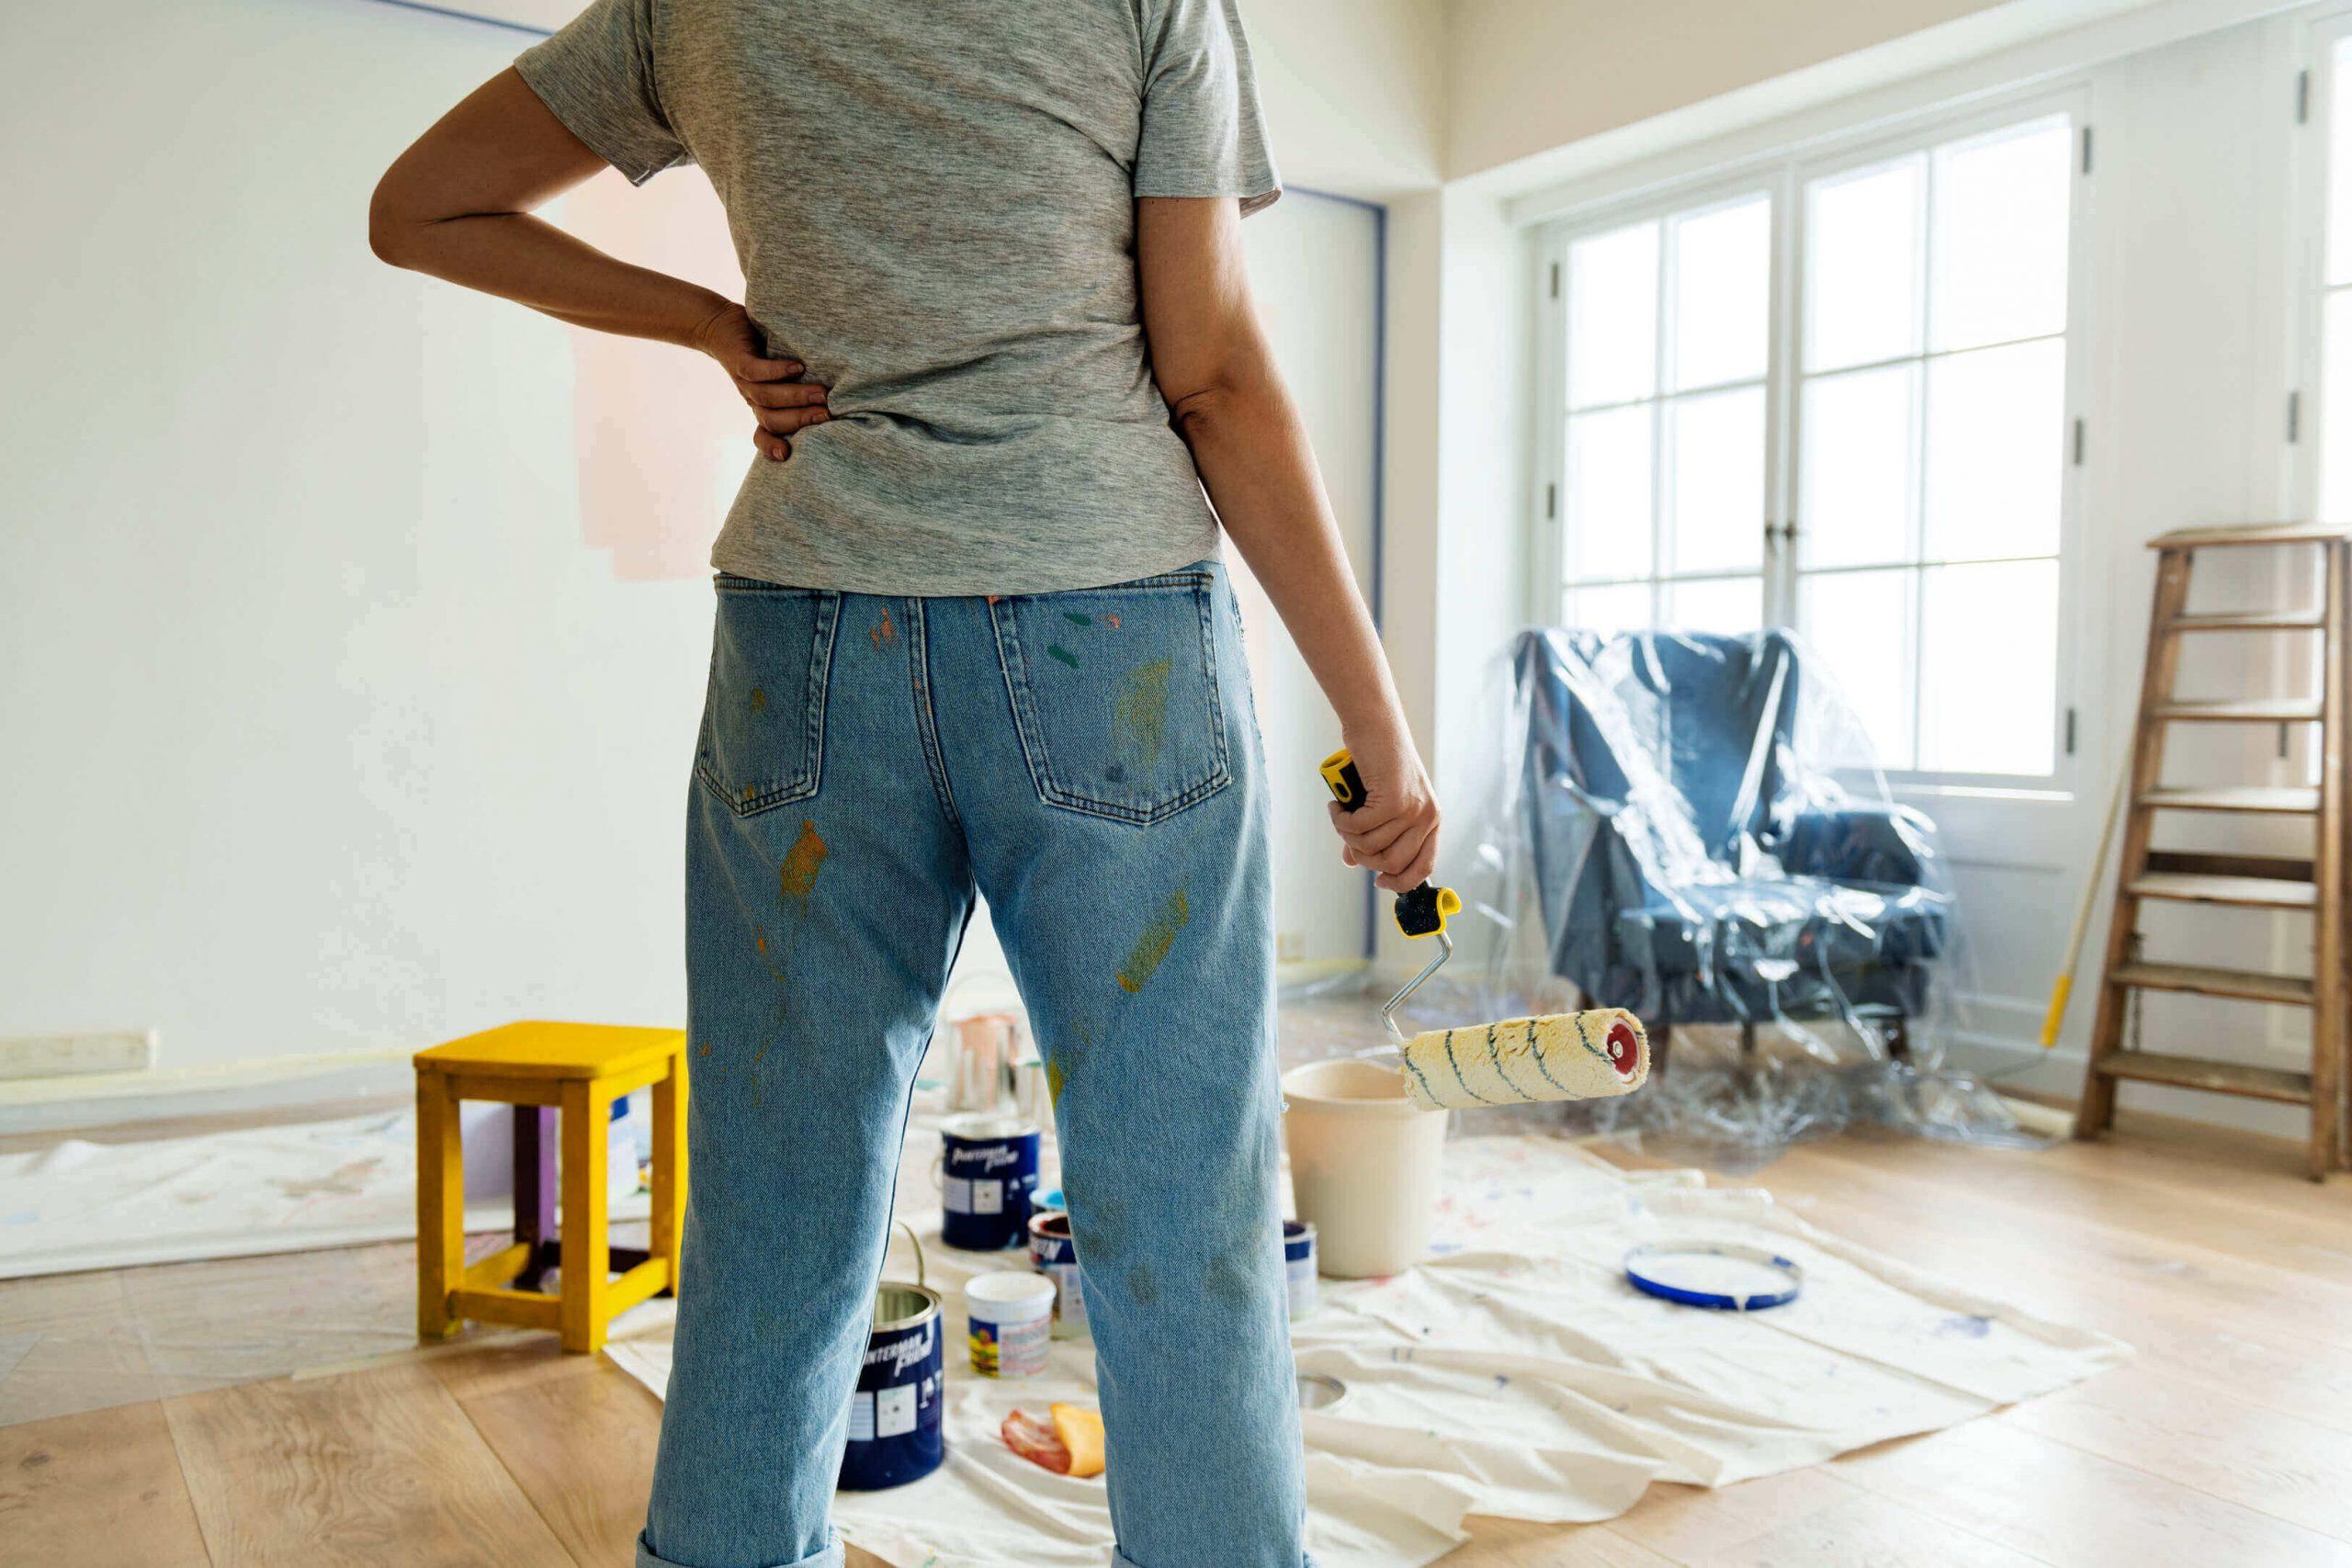 NU te apuca de renovat apartamentul până nu rezolvi ACESTE 4 lucruri!